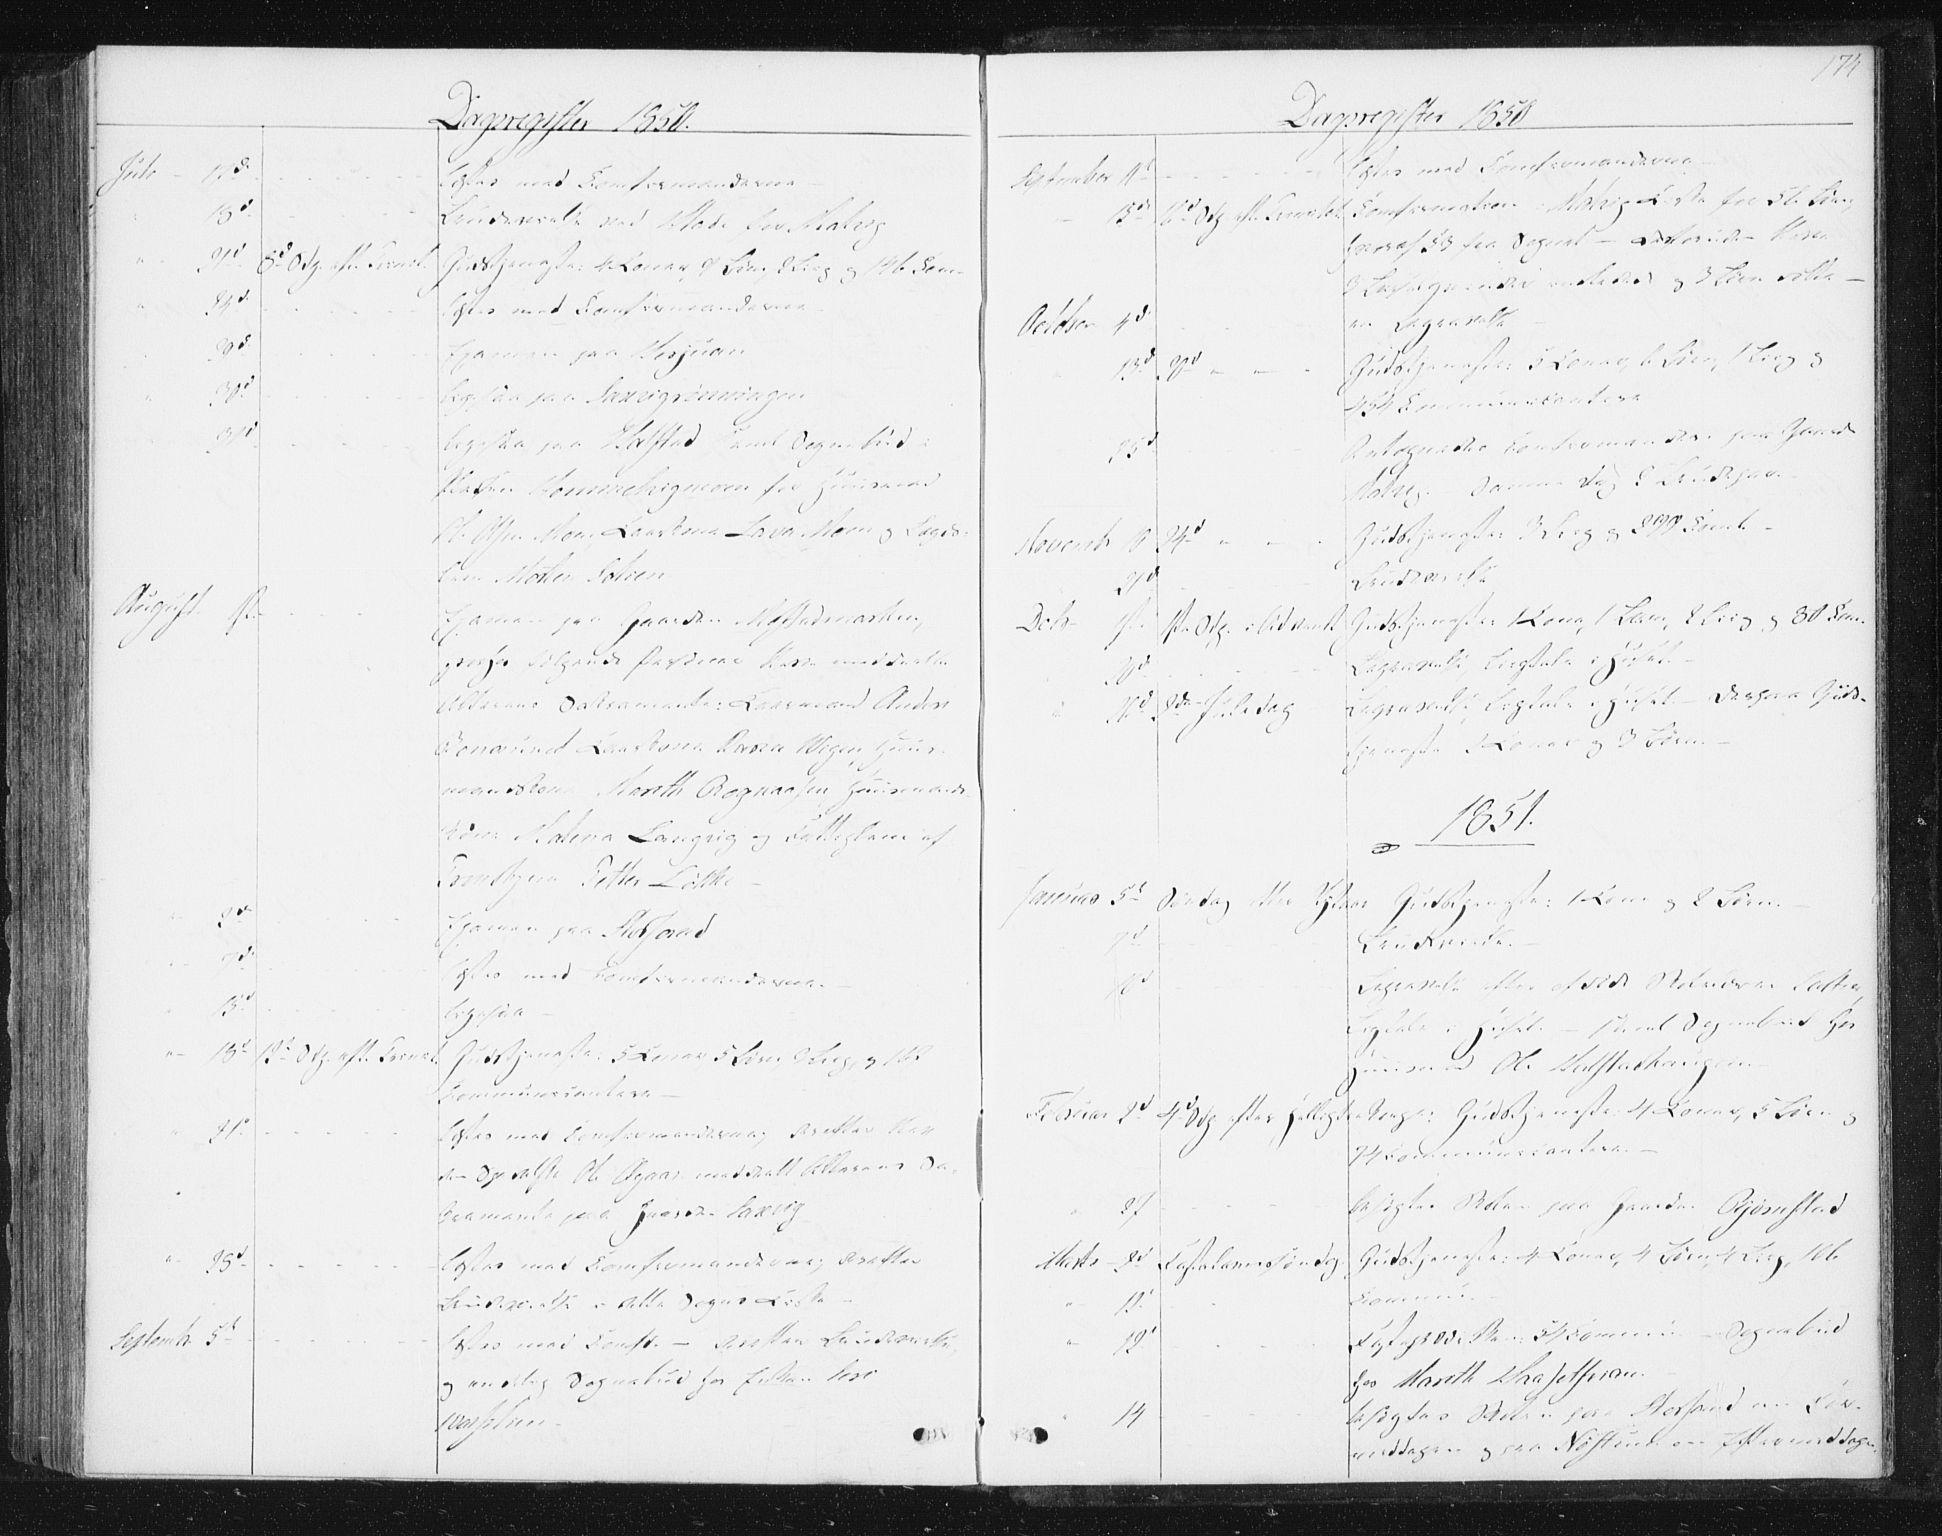 SAT, Ministerialprotokoller, klokkerbøker og fødselsregistre - Sør-Trøndelag, 616/L0407: Ministerialbok nr. 616A04, 1848-1856, s. 174